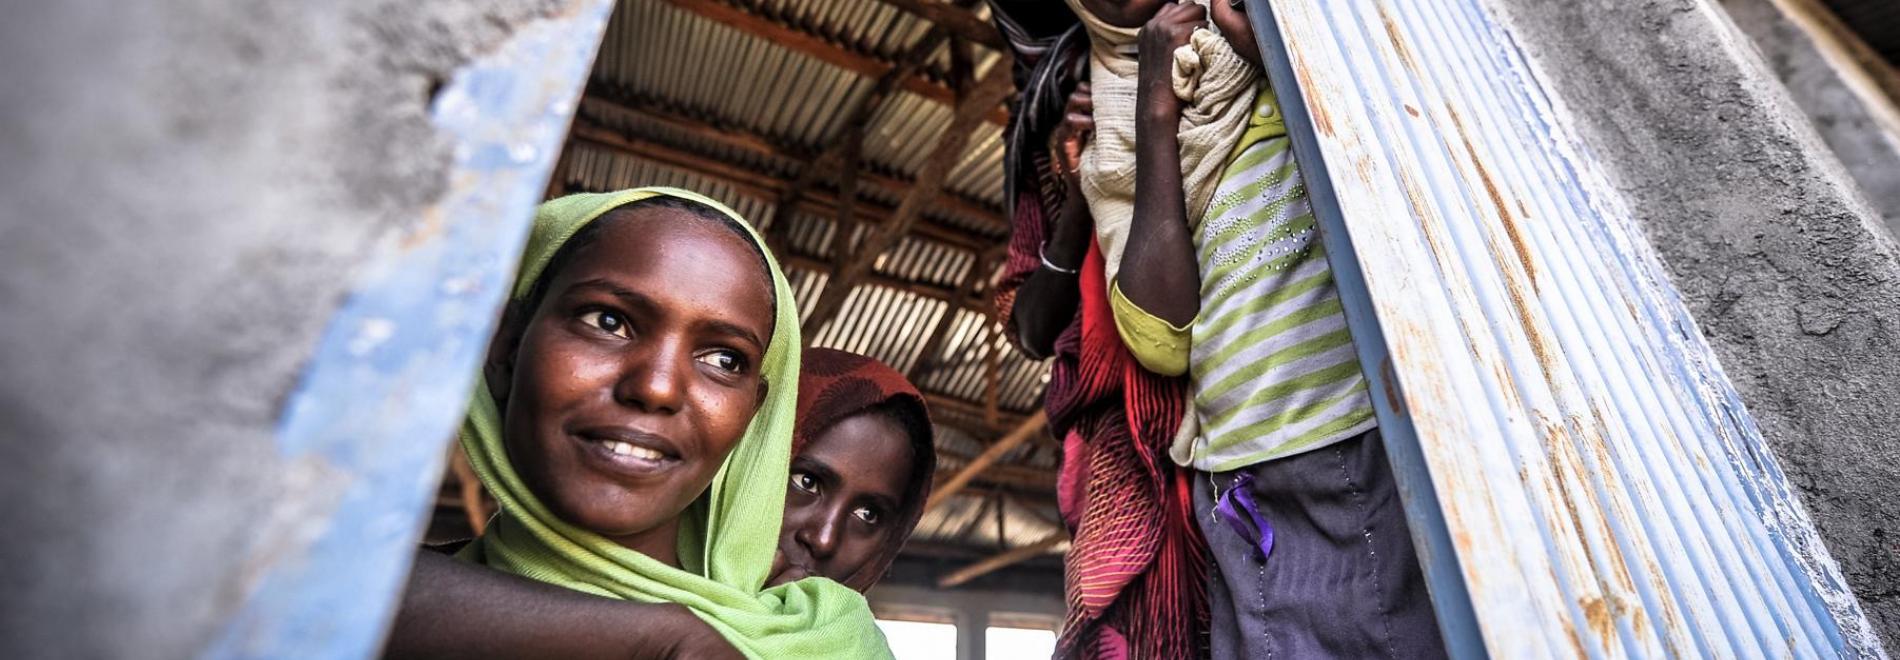 Mädchen in Äthiopien. Foto: Quentin Top